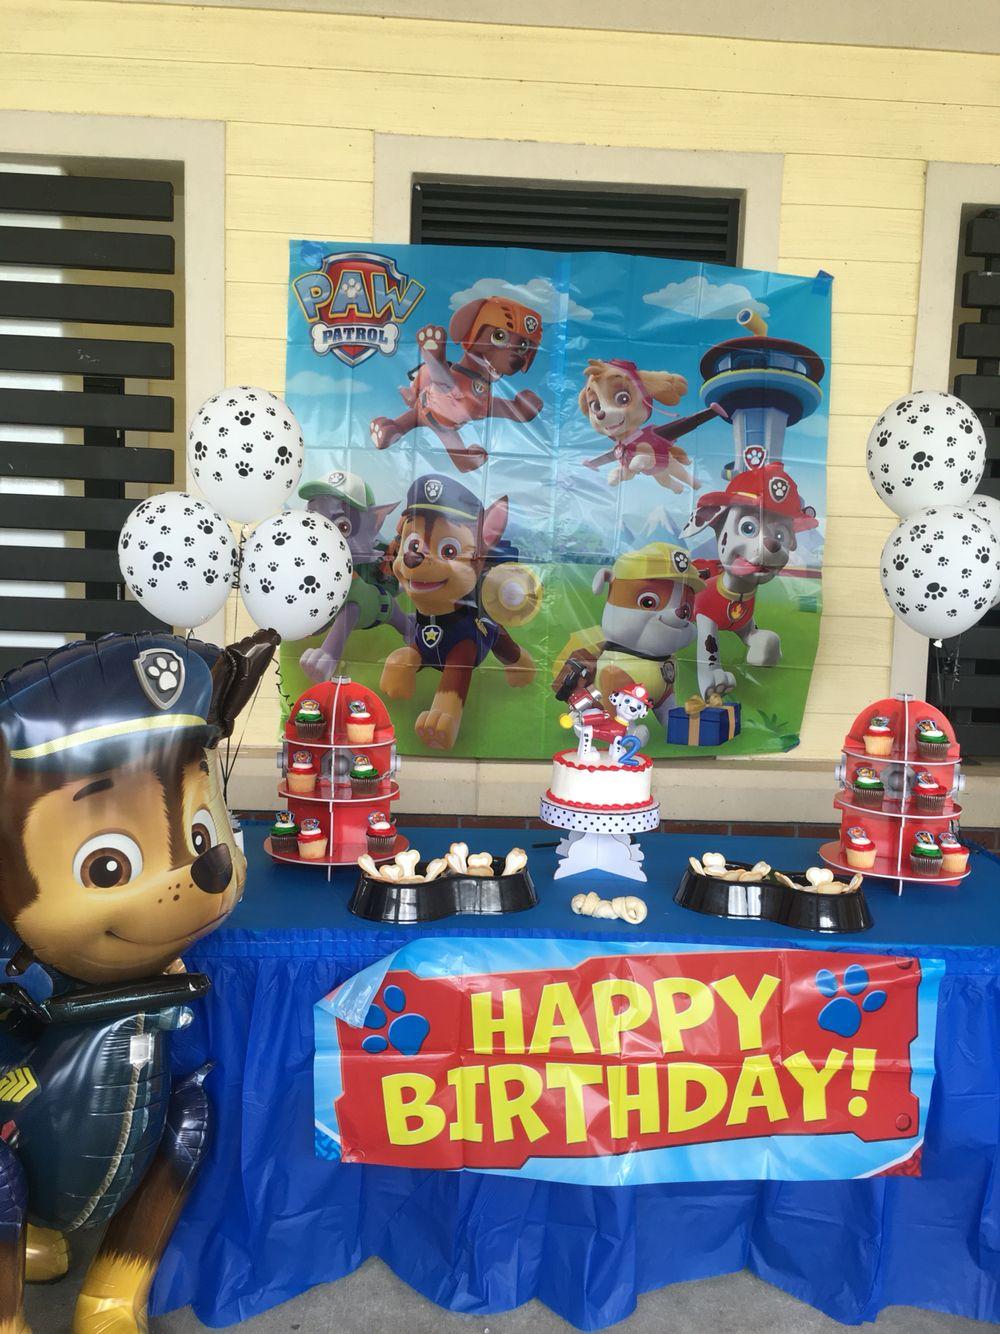 Paw Patrol Birthday for boys